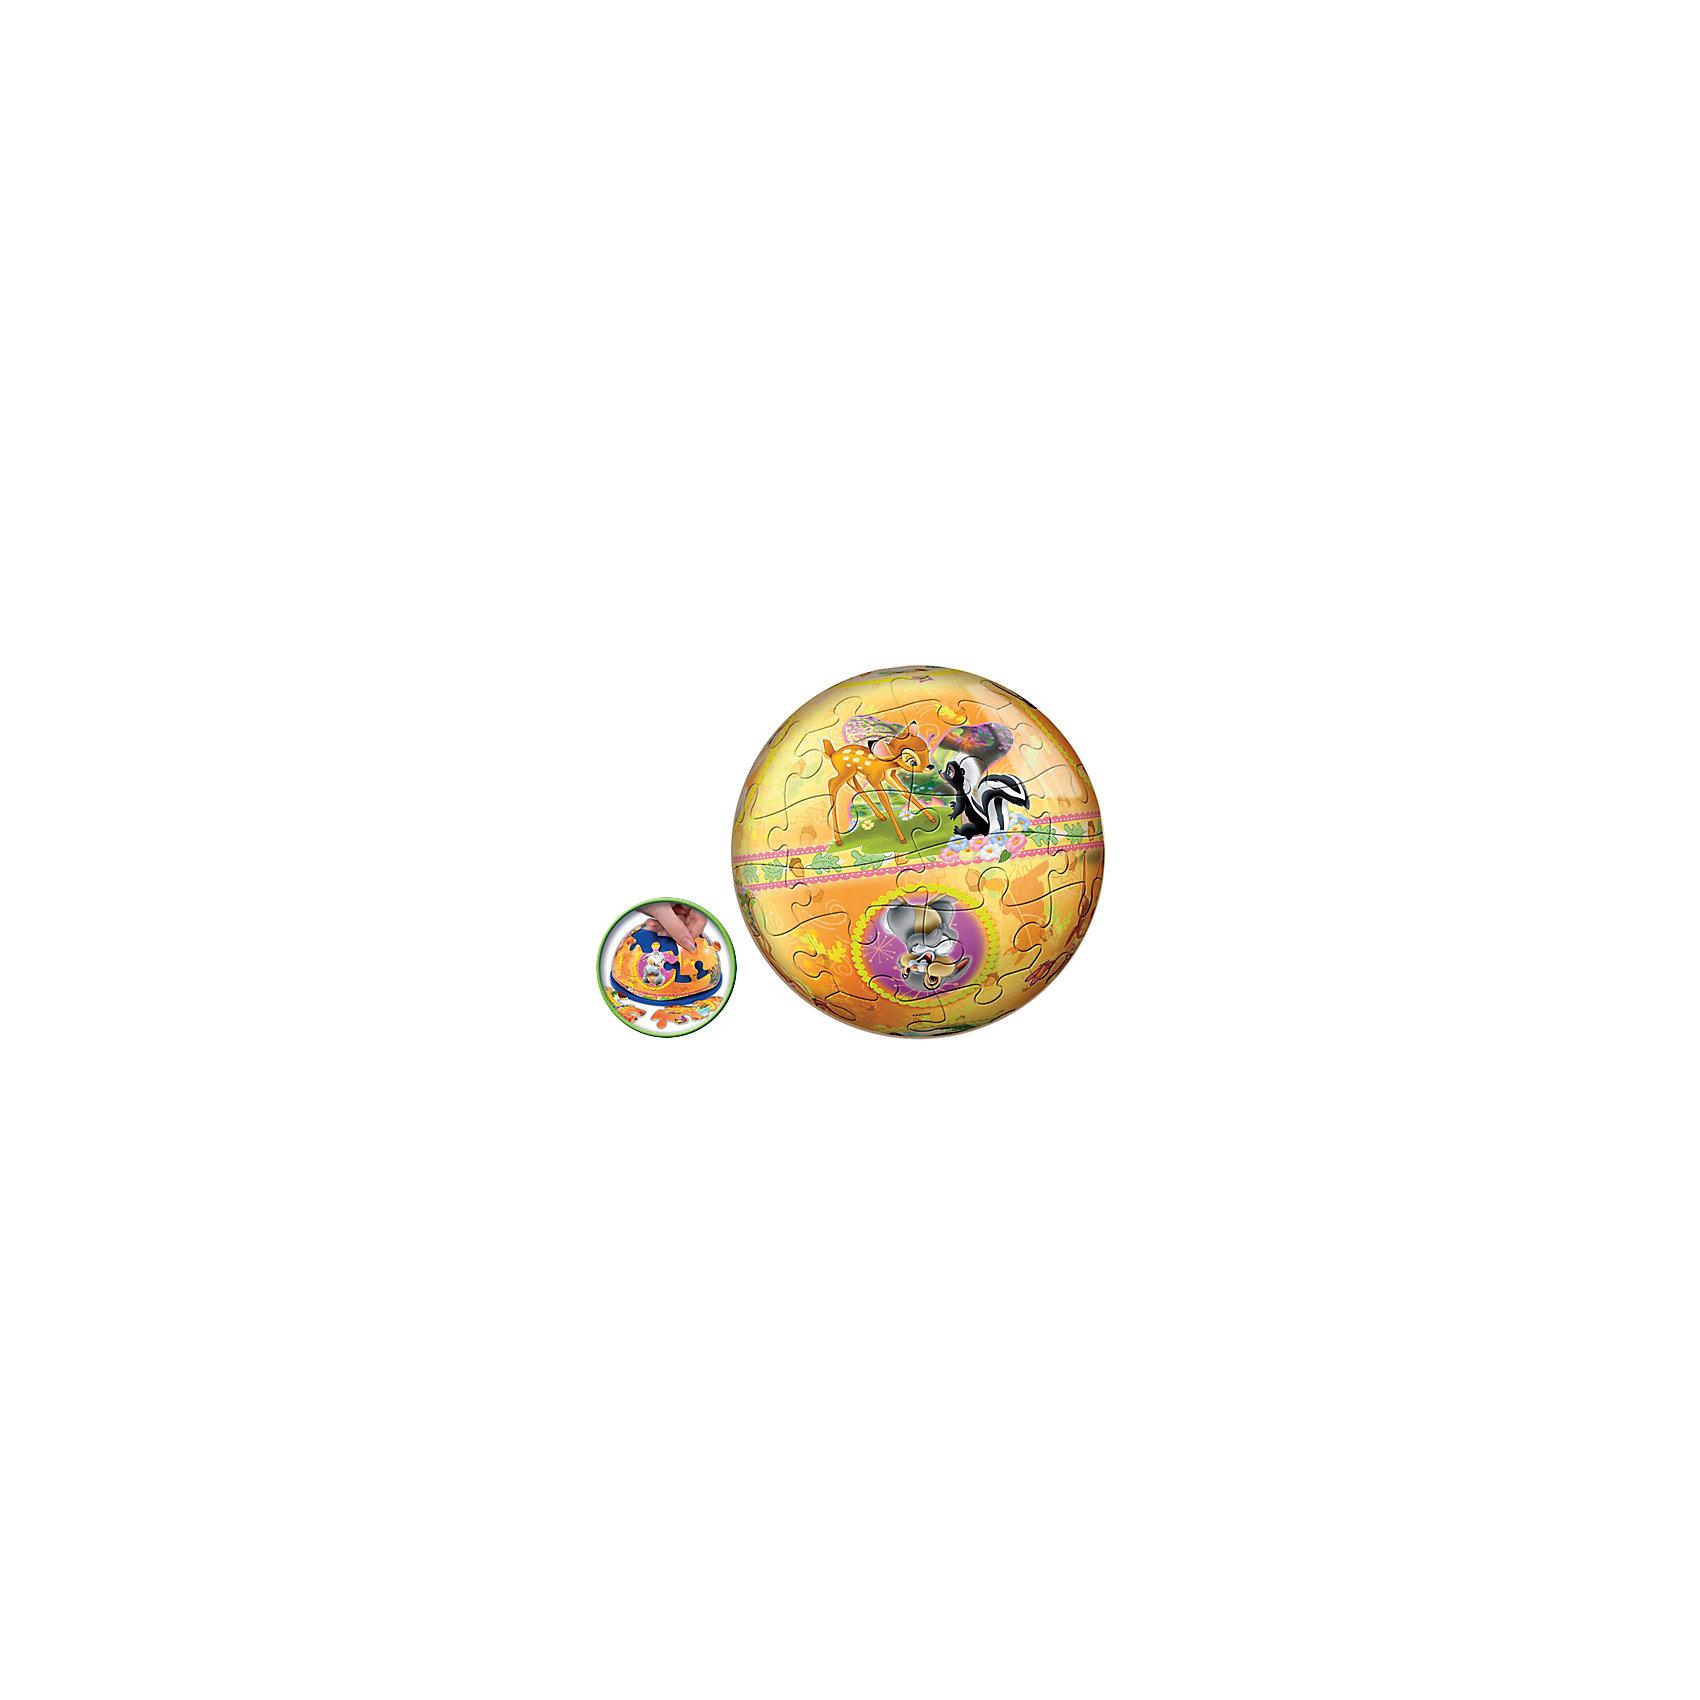 Пазл-шар Бемби, 24 детали, Disney3D пазлы<br>Характеристики товара:<br><br>• возраст: от 3 лет;<br>• материал: пластик;<br>• в комплекте: 24 элемента, подставка;<br>• диаметр шара: 12 см;<br>• размер упаковки: 20,5х18,5х6 см;<br>• вес упаковки: 380 гр.;<br>• страна производитель: Россия.<br><br>Пазл-шар «Бэмби» Disney Step Puzzle — оригинальный пазл, элементы которого имеют изогнутую форму и собираются вместе, образуя шар. Собрав его, получается объемная фигура с изображениями любимых героев мультфильма про олененка Бэмби.<br><br>В процессе сборки пазла развиваются мелкая моторика рук, усидчивость, внимательность, логическое мышление. Все детали выполнены из качественного прочного пластика и надежно скрепляются между собой.<br><br>Пазл-шар «Бэмби» Disney Step Puzzle можно приобрести в нашем интернет-магазине.<br><br>Ширина мм: 205<br>Глубина мм: 185<br>Высота мм: 60<br>Вес г: 380<br>Возраст от месяцев: 36<br>Возраст до месяцев: 2147483647<br>Пол: Унисекс<br>Возраст: Детский<br>Количество деталей: 24<br>SKU: 5346204